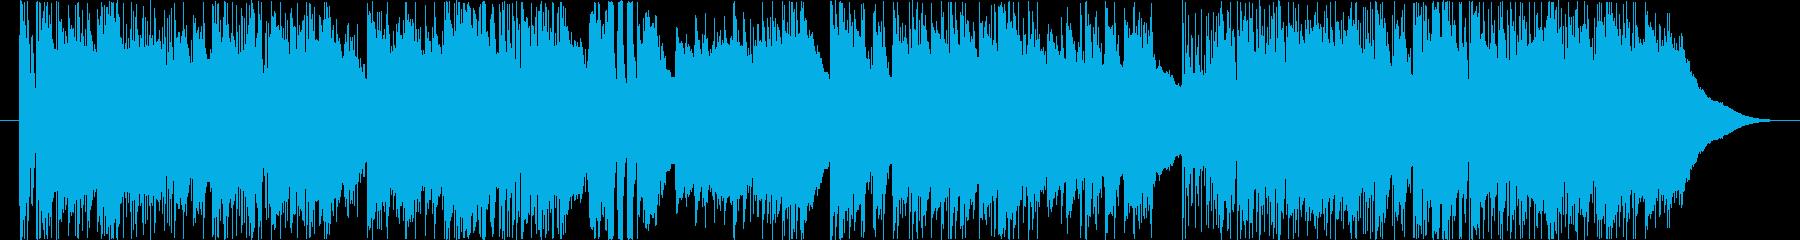 ニュースのOP風のピアノインストです。…の再生済みの波形